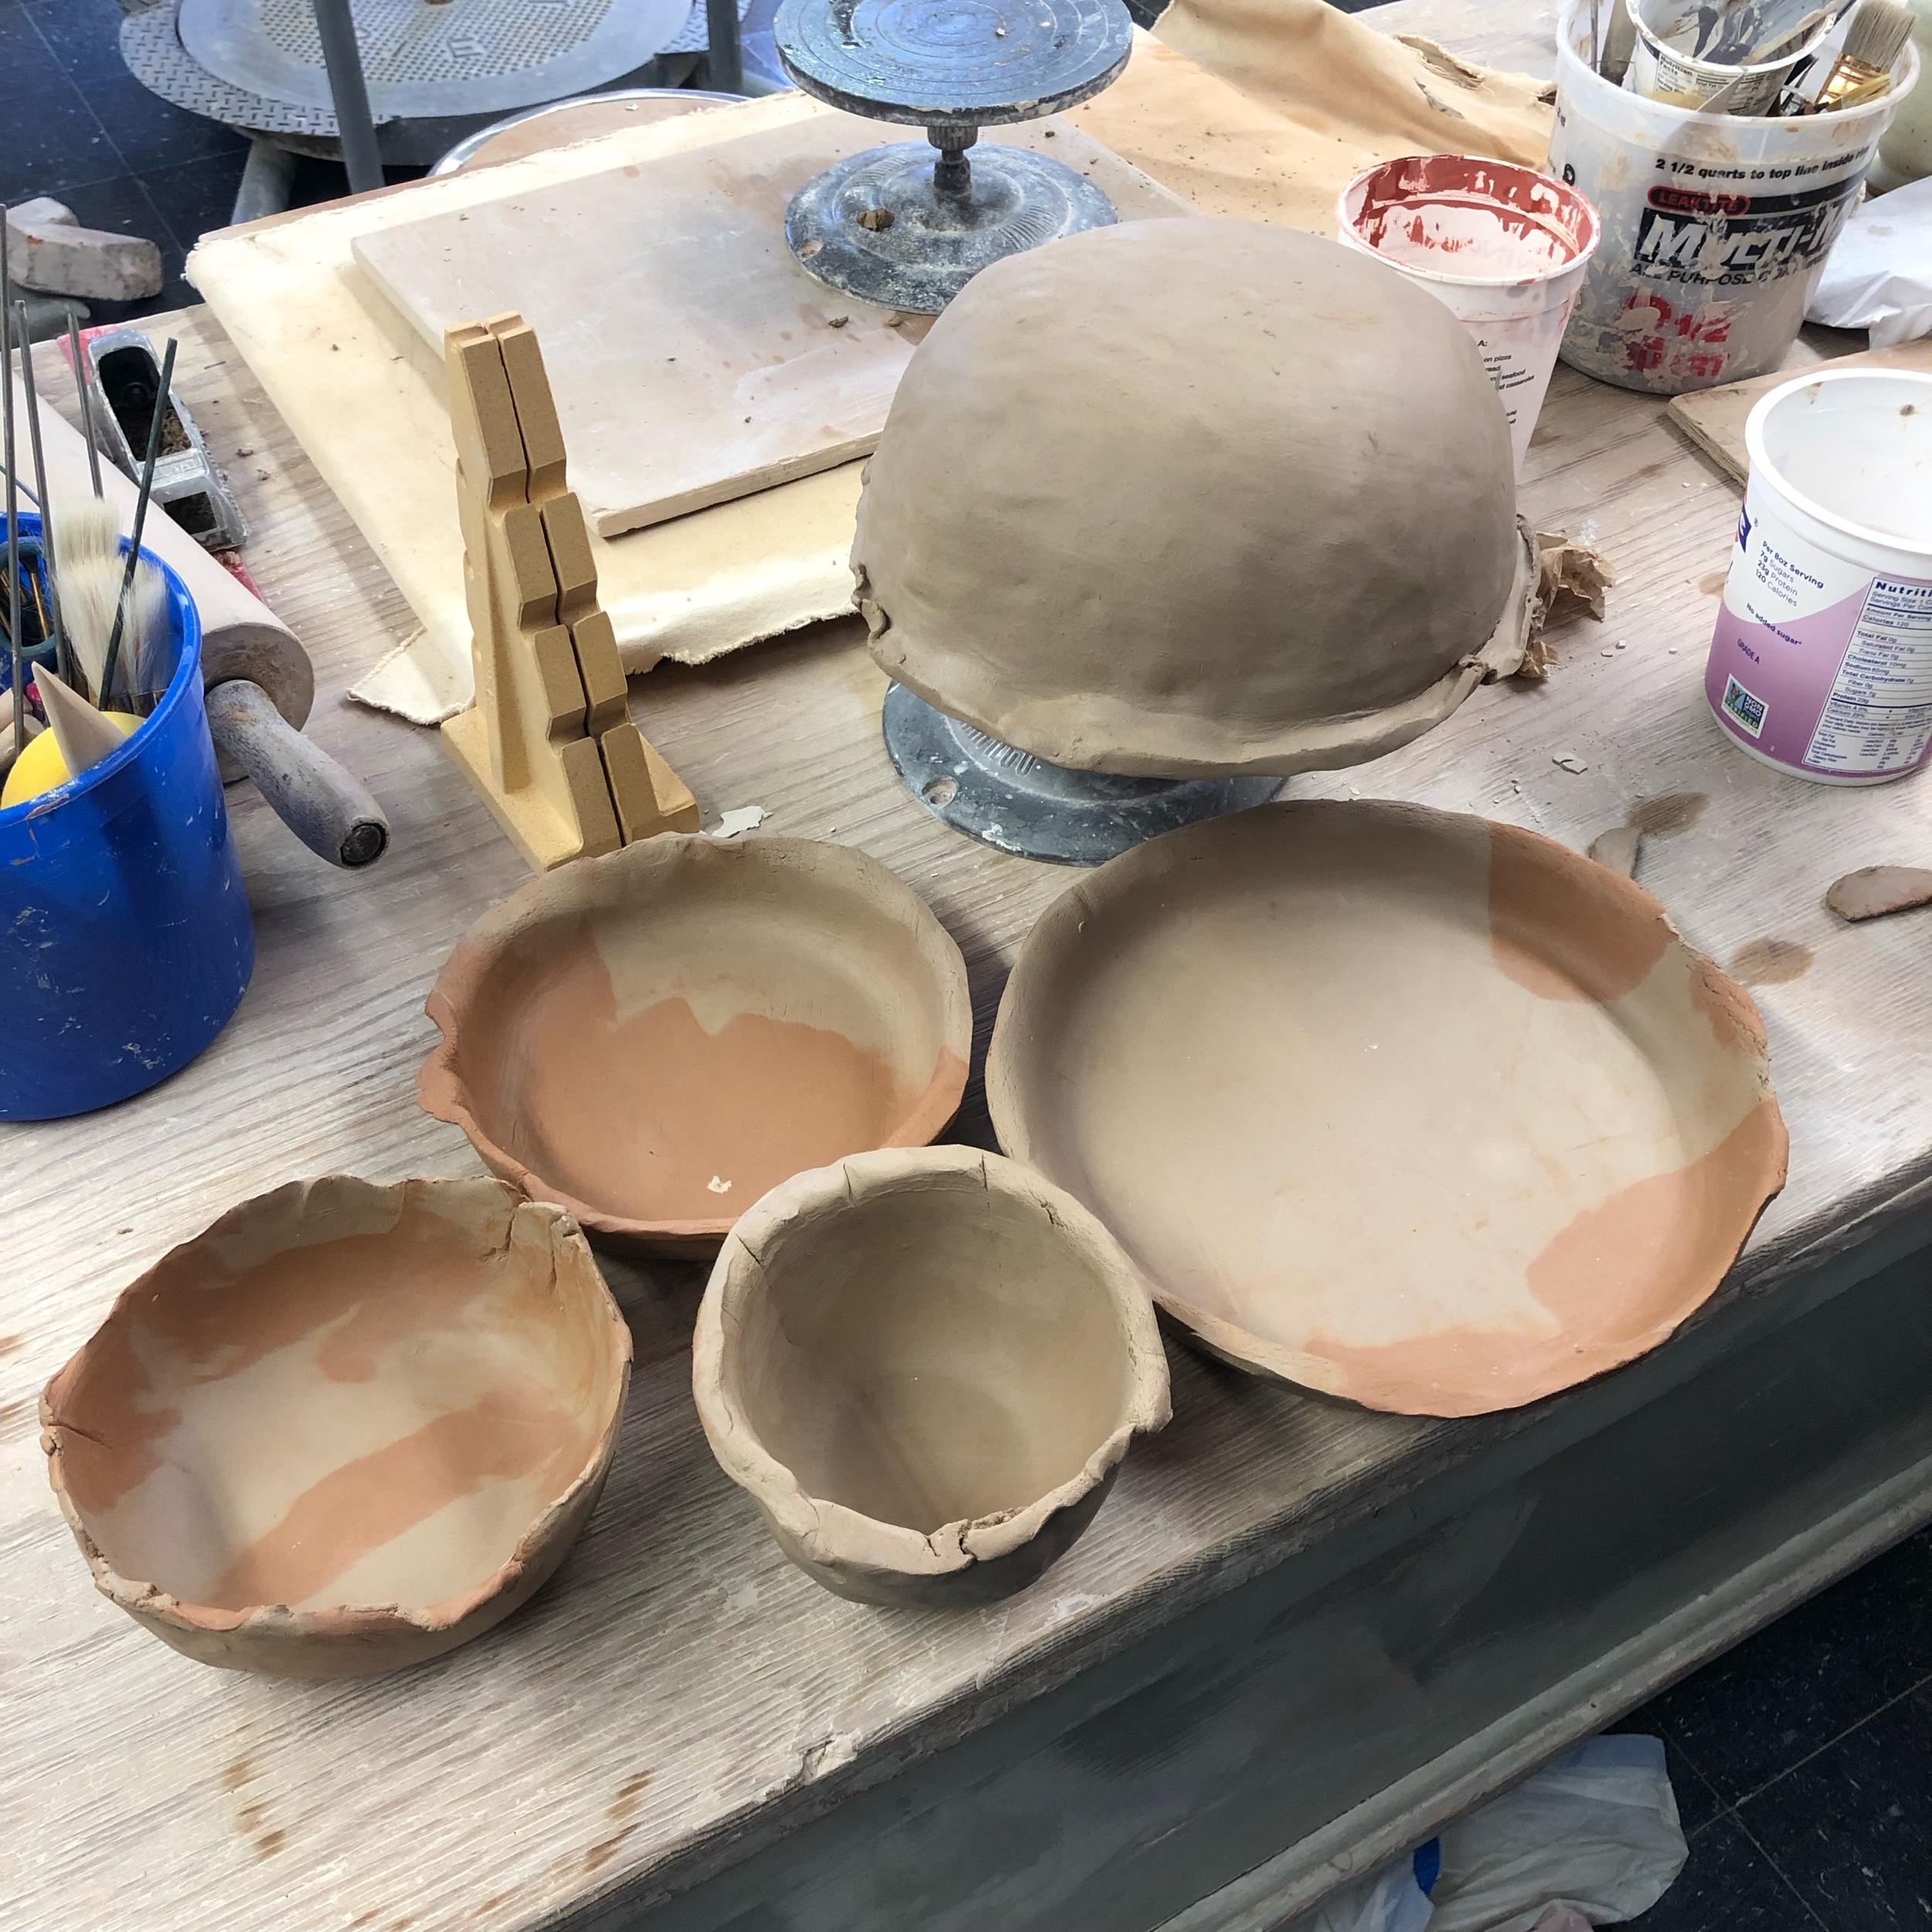 jordan_kushins_ceramic_bowls.jpeg